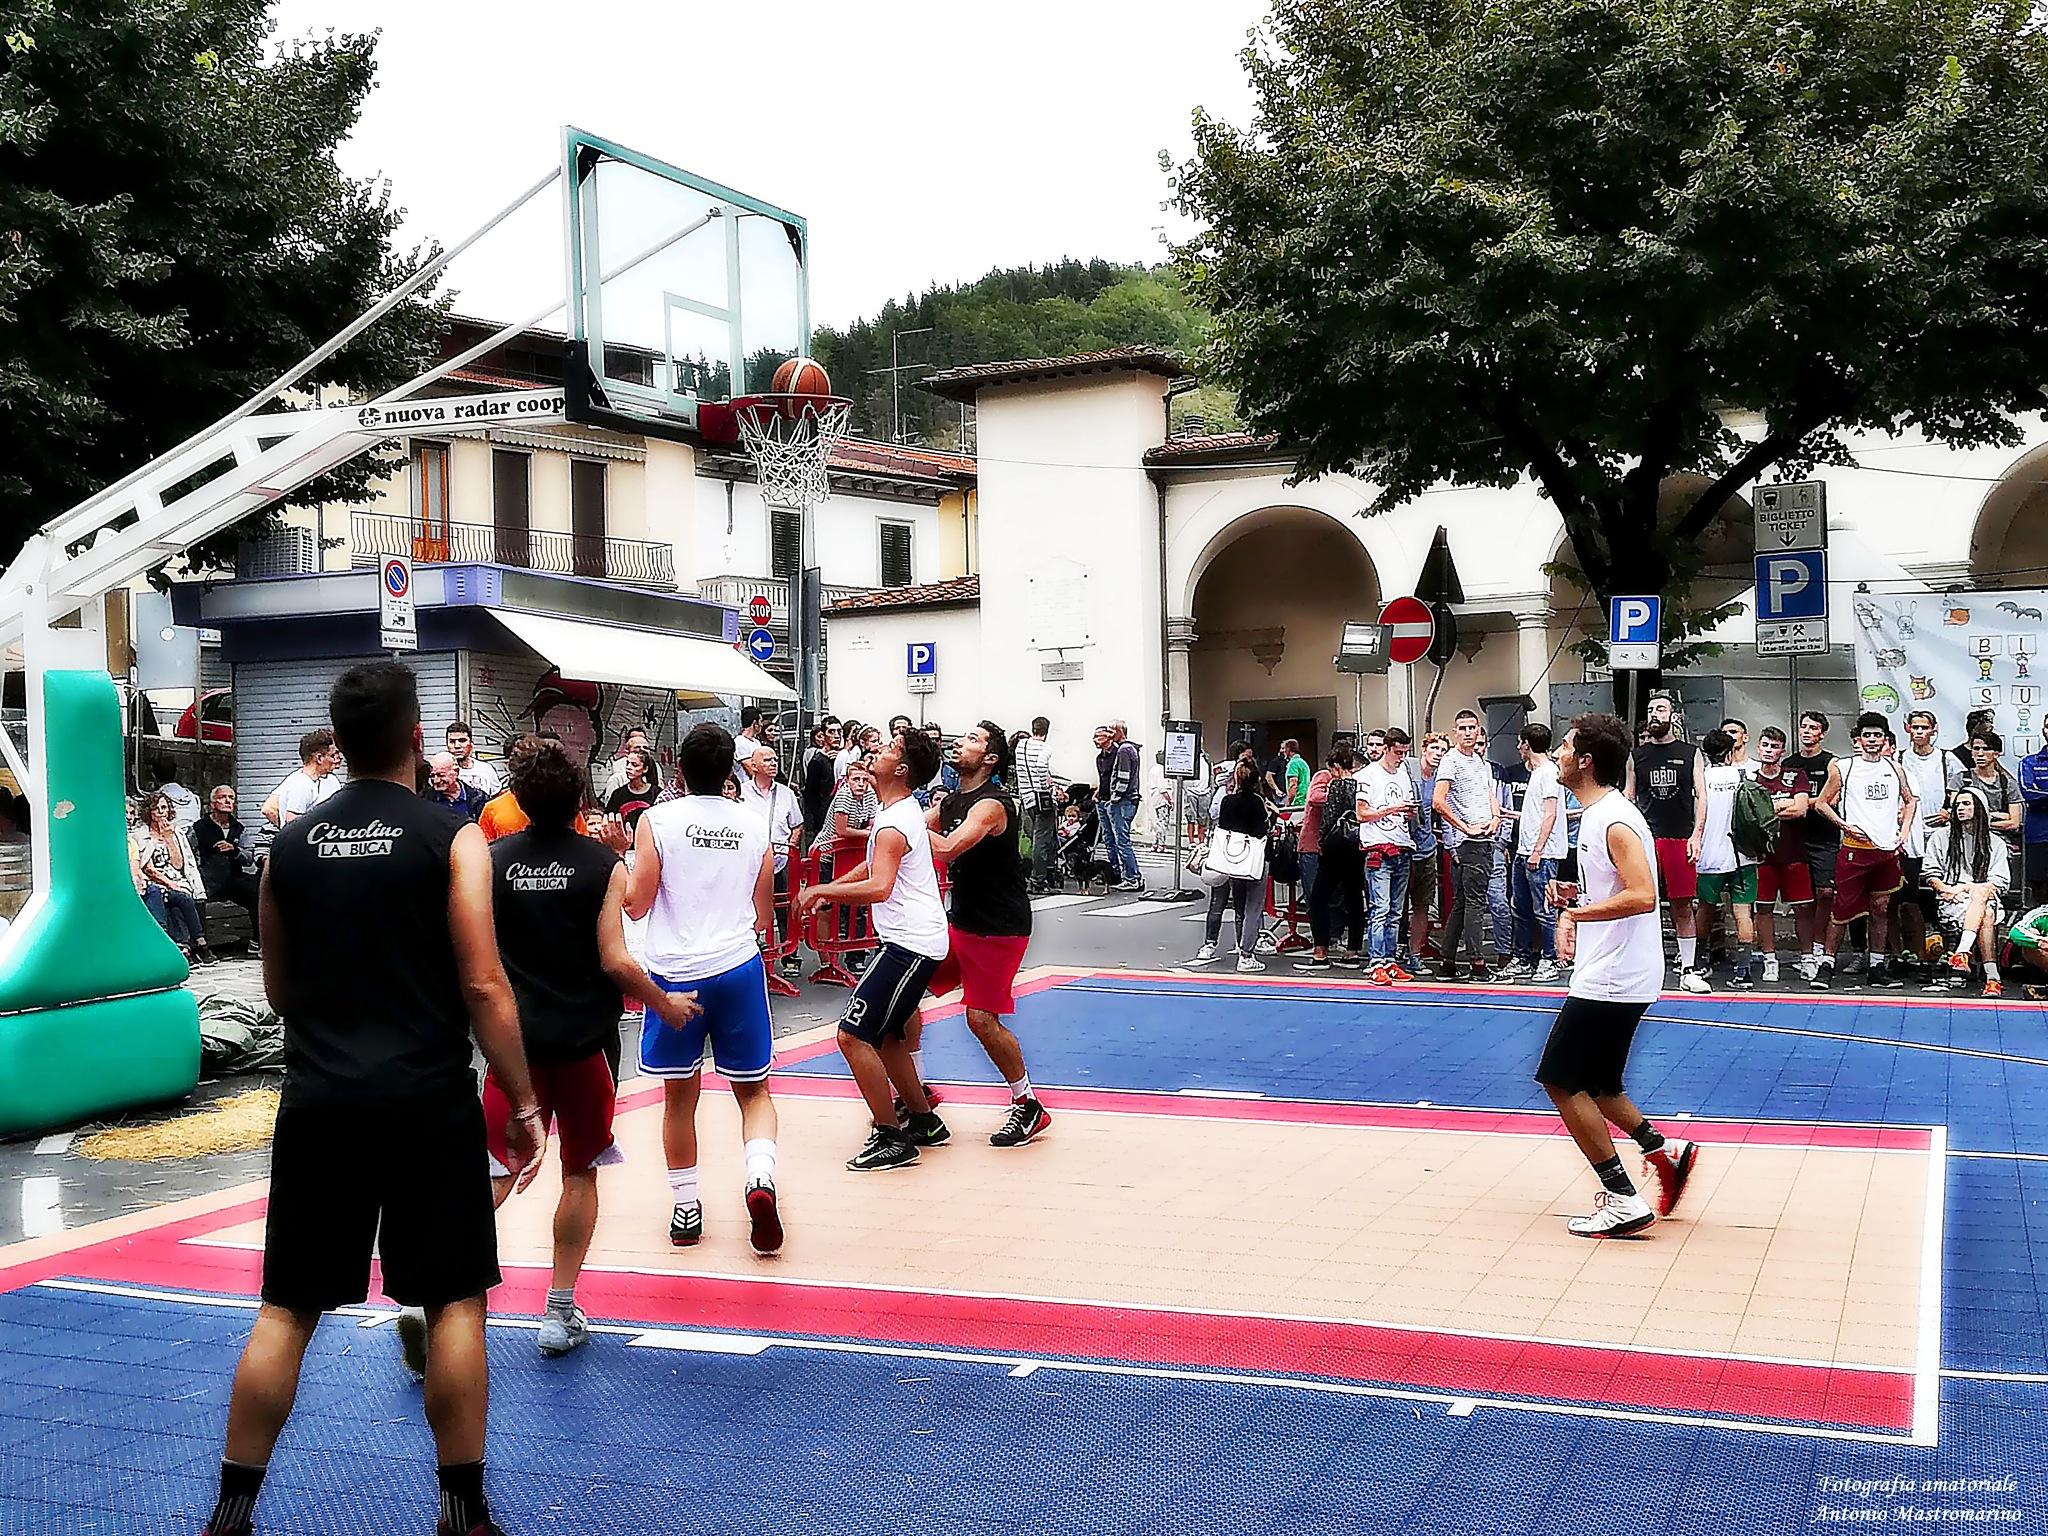 streetbasket by antonio mastromarino